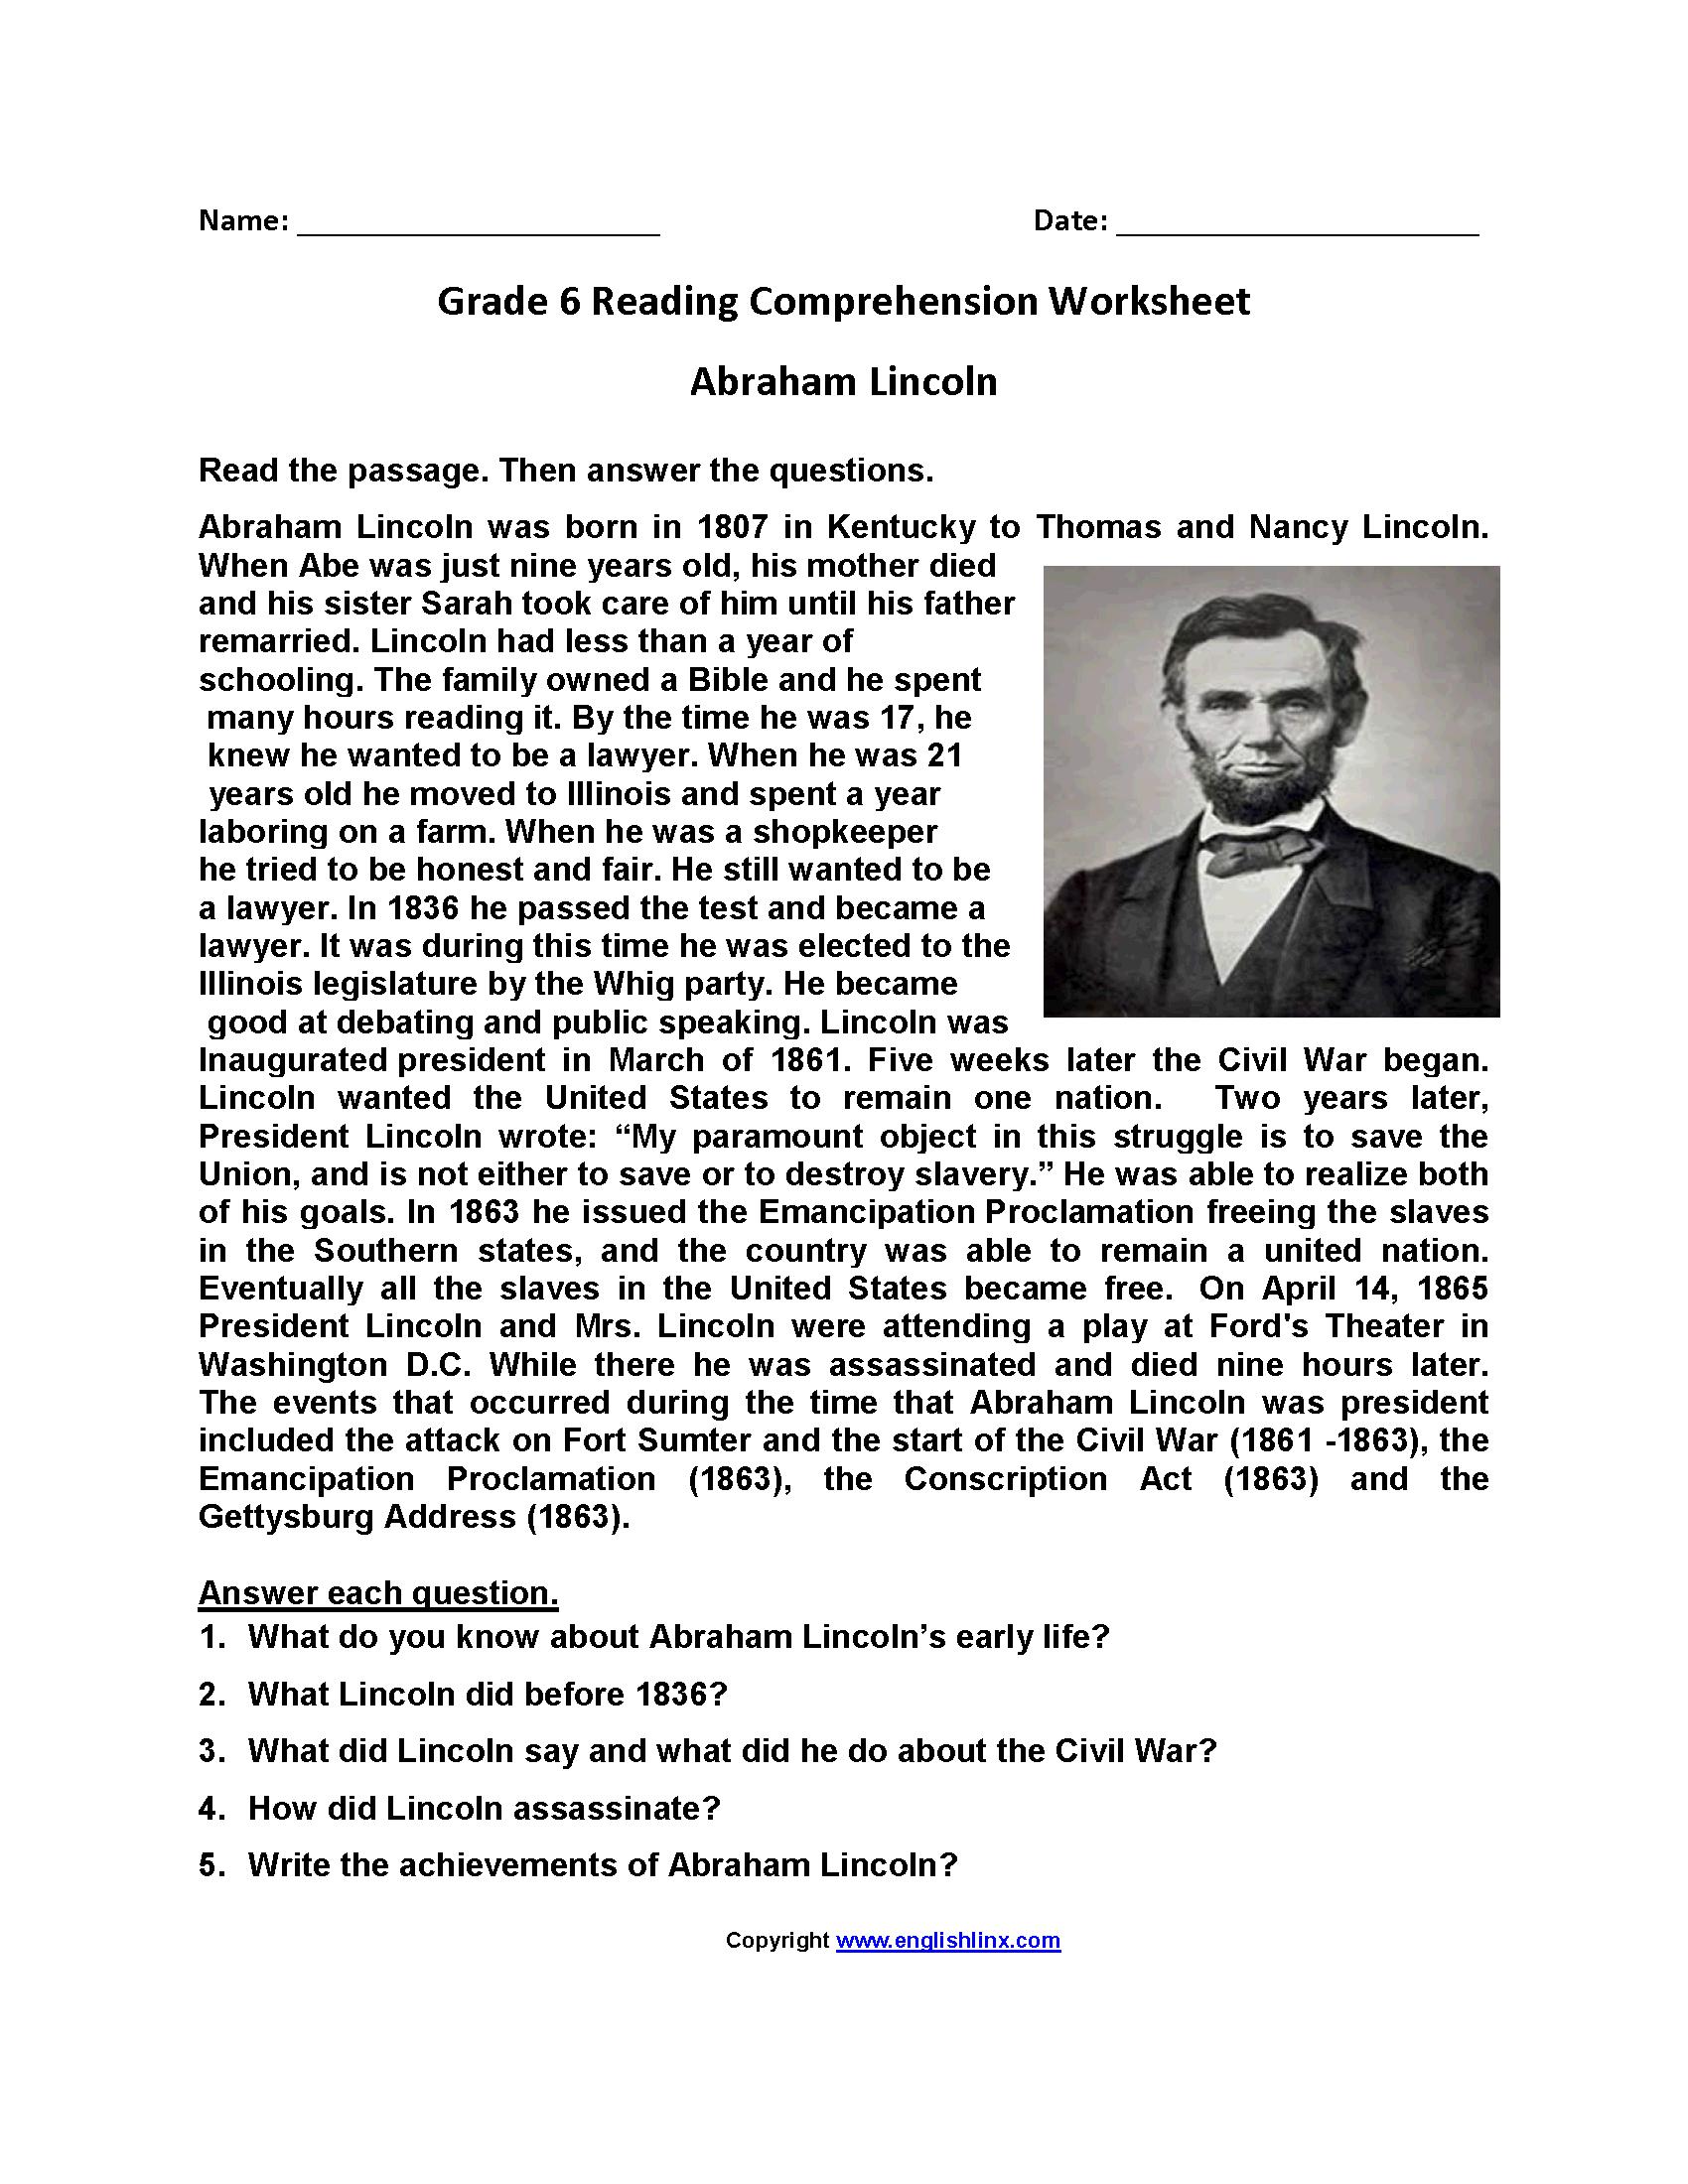 Reading Worksheets  Sixth Grade Reading Worksheets Inside Abraham Lincoln Comprehension Worksheet